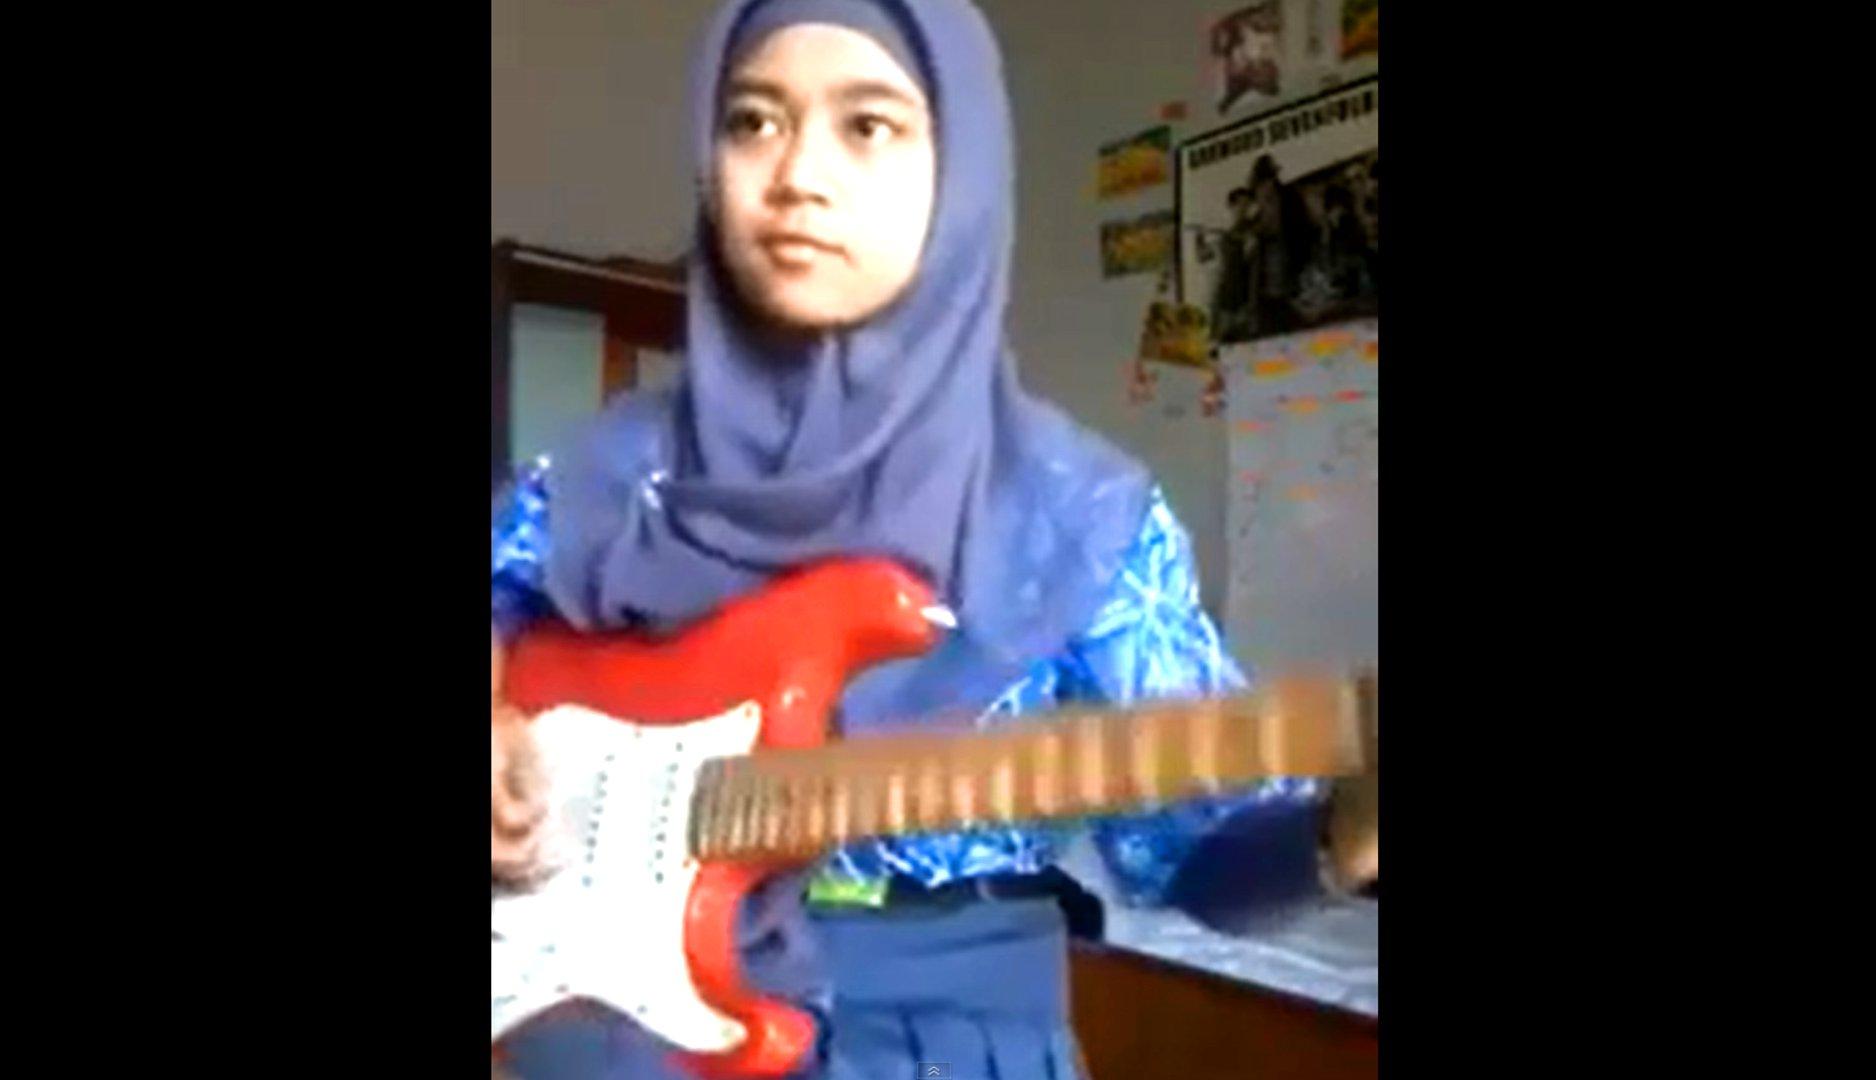 Muslima spielt E-Gitarre.